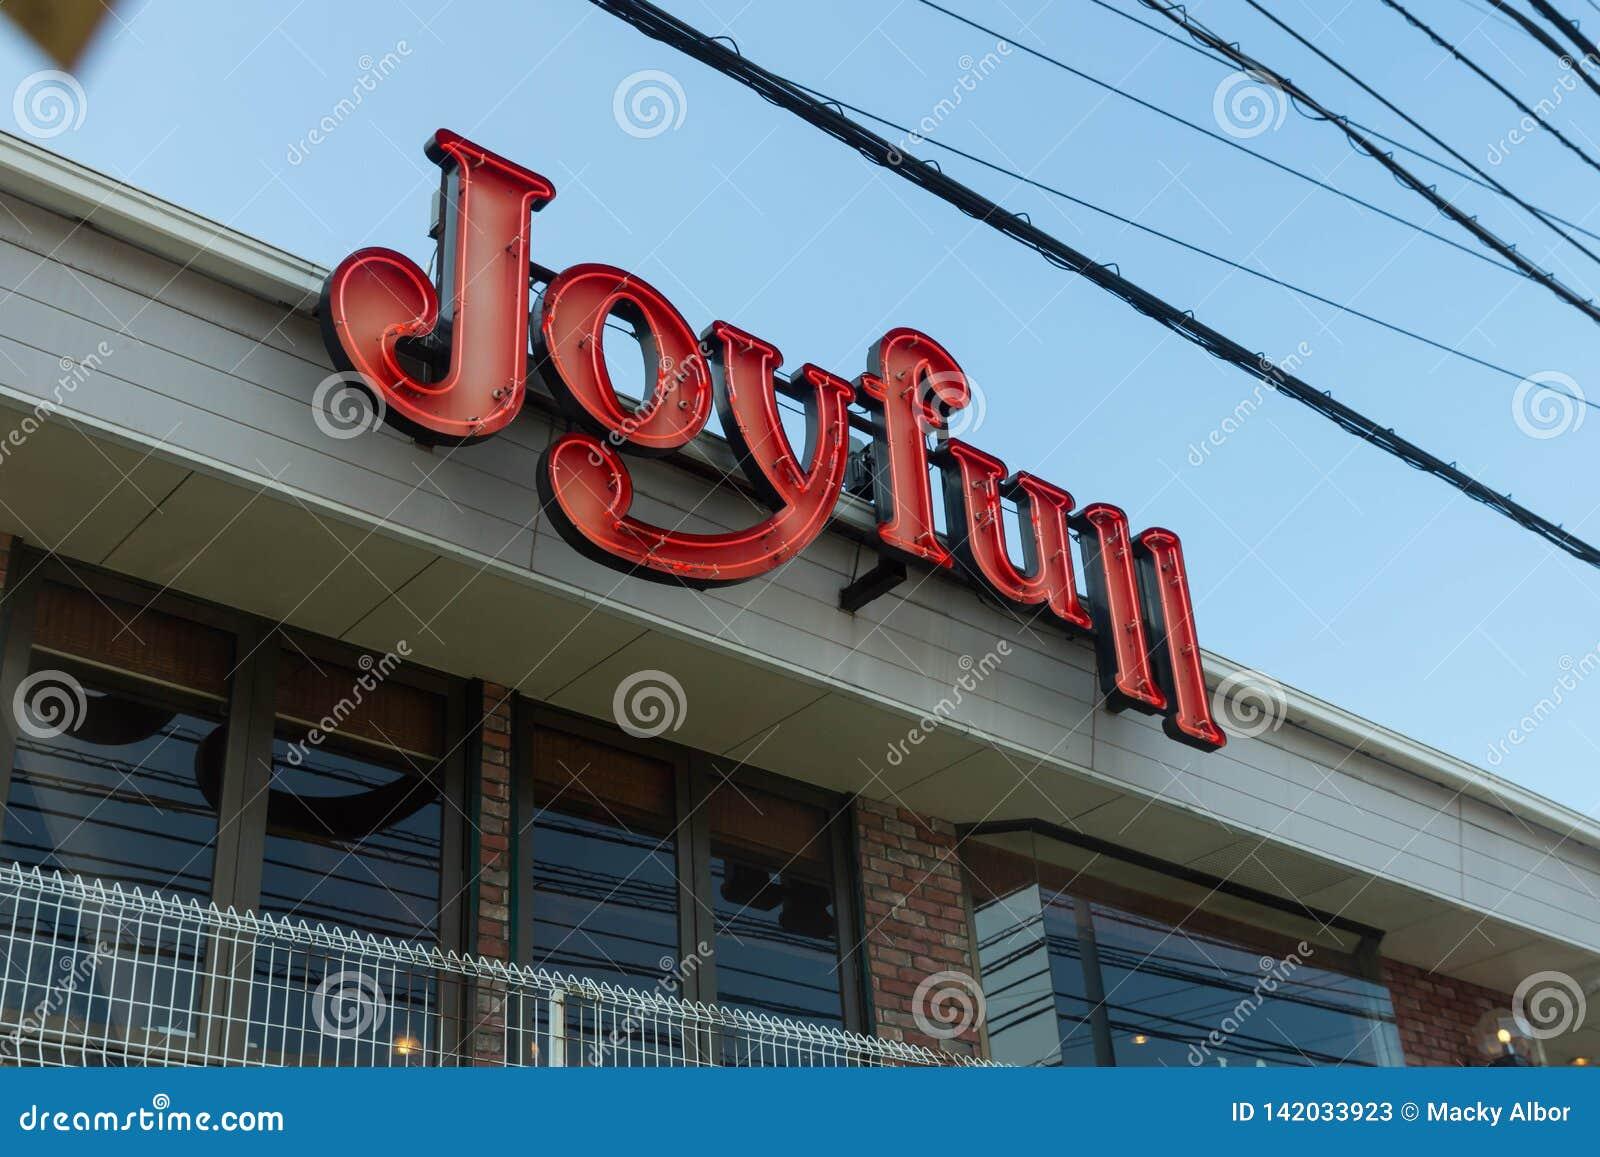 Joyfull - un ristorante favorito della famiglia nel Giappone